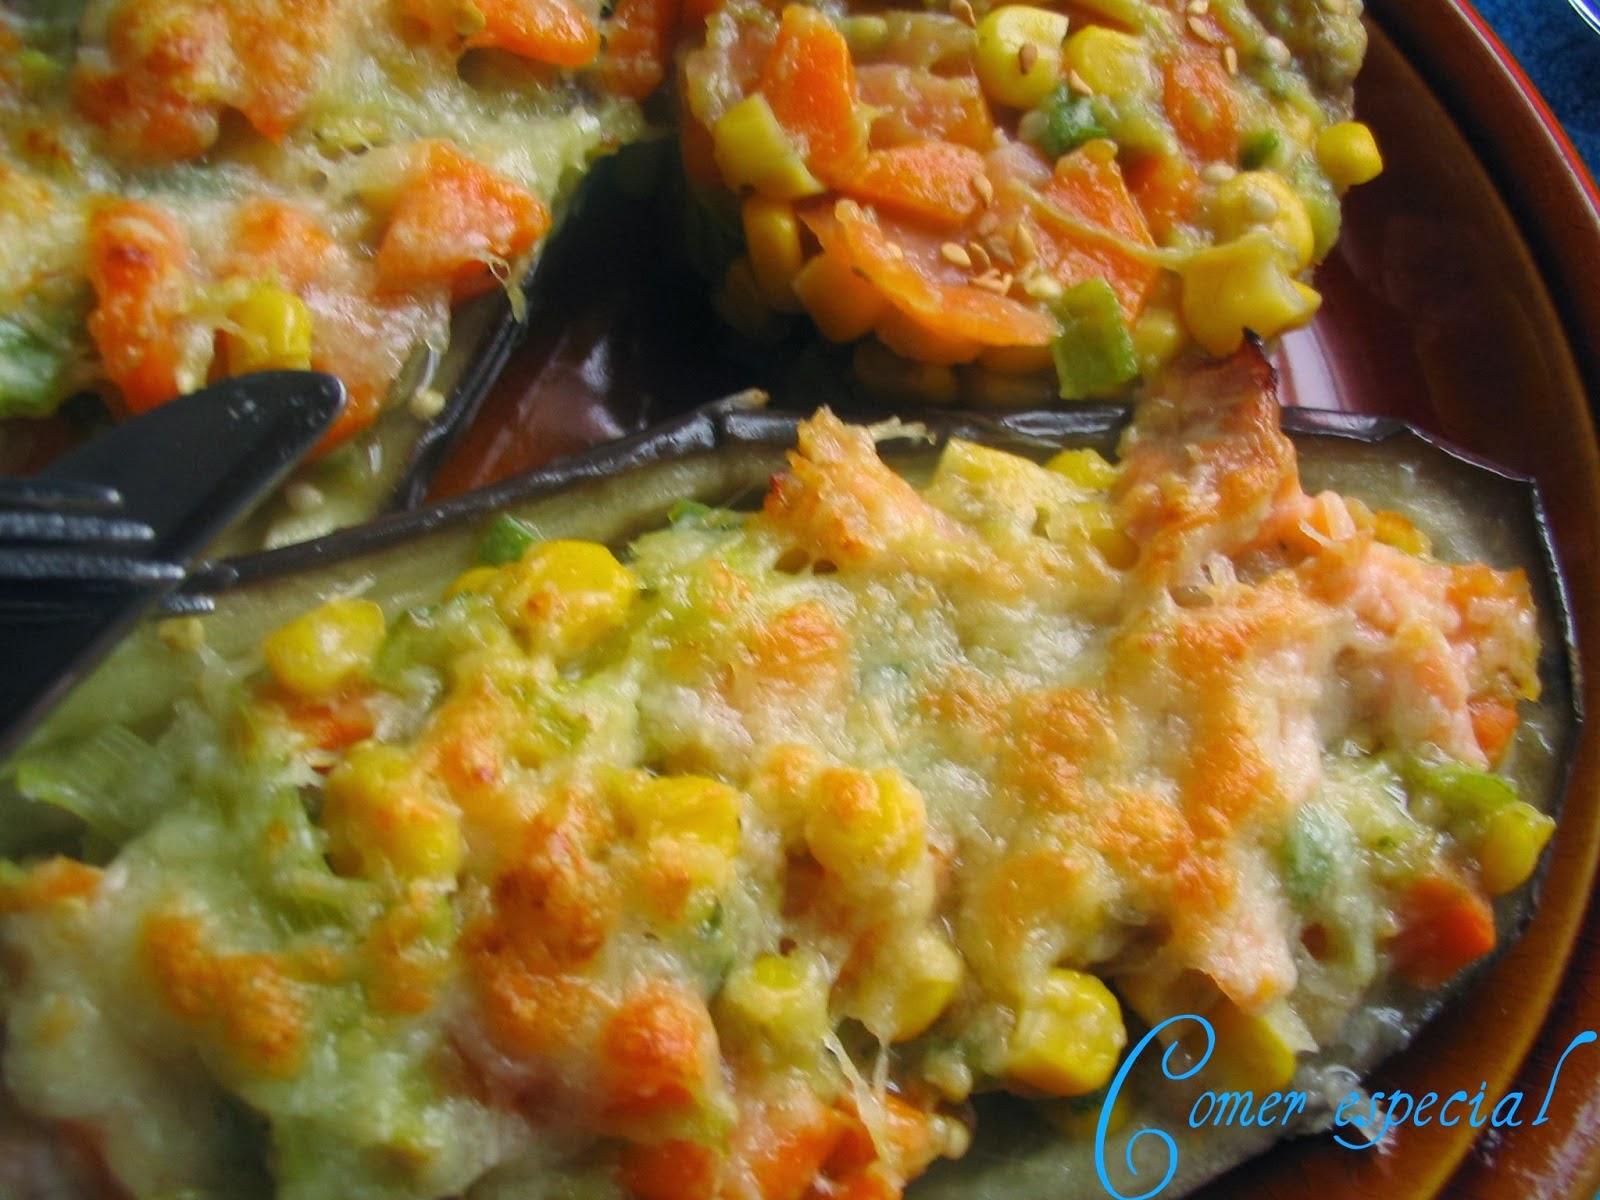 http://www.comerespecial.com/2013/03/berenjenas-rellenas-de-salmon-ahumado-y.html